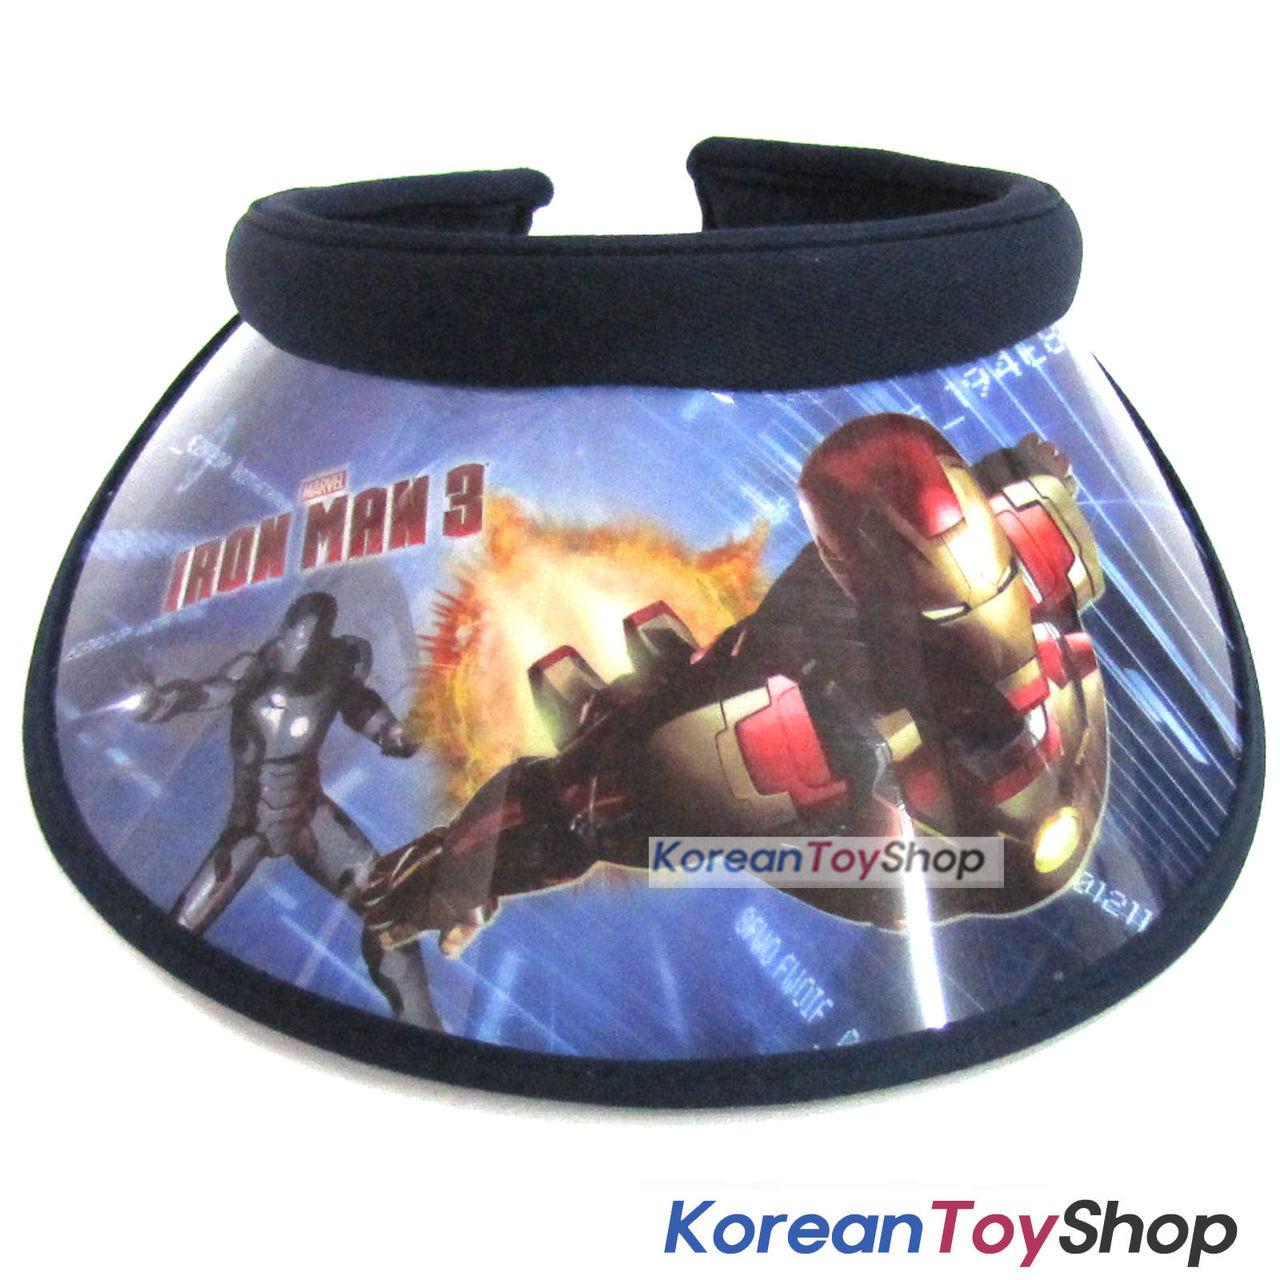 IRON MAN Visor Hat Sun Cap Kids Boy Designed by Korea Dark Blue -  KoreanToyShop db5b912f33fc